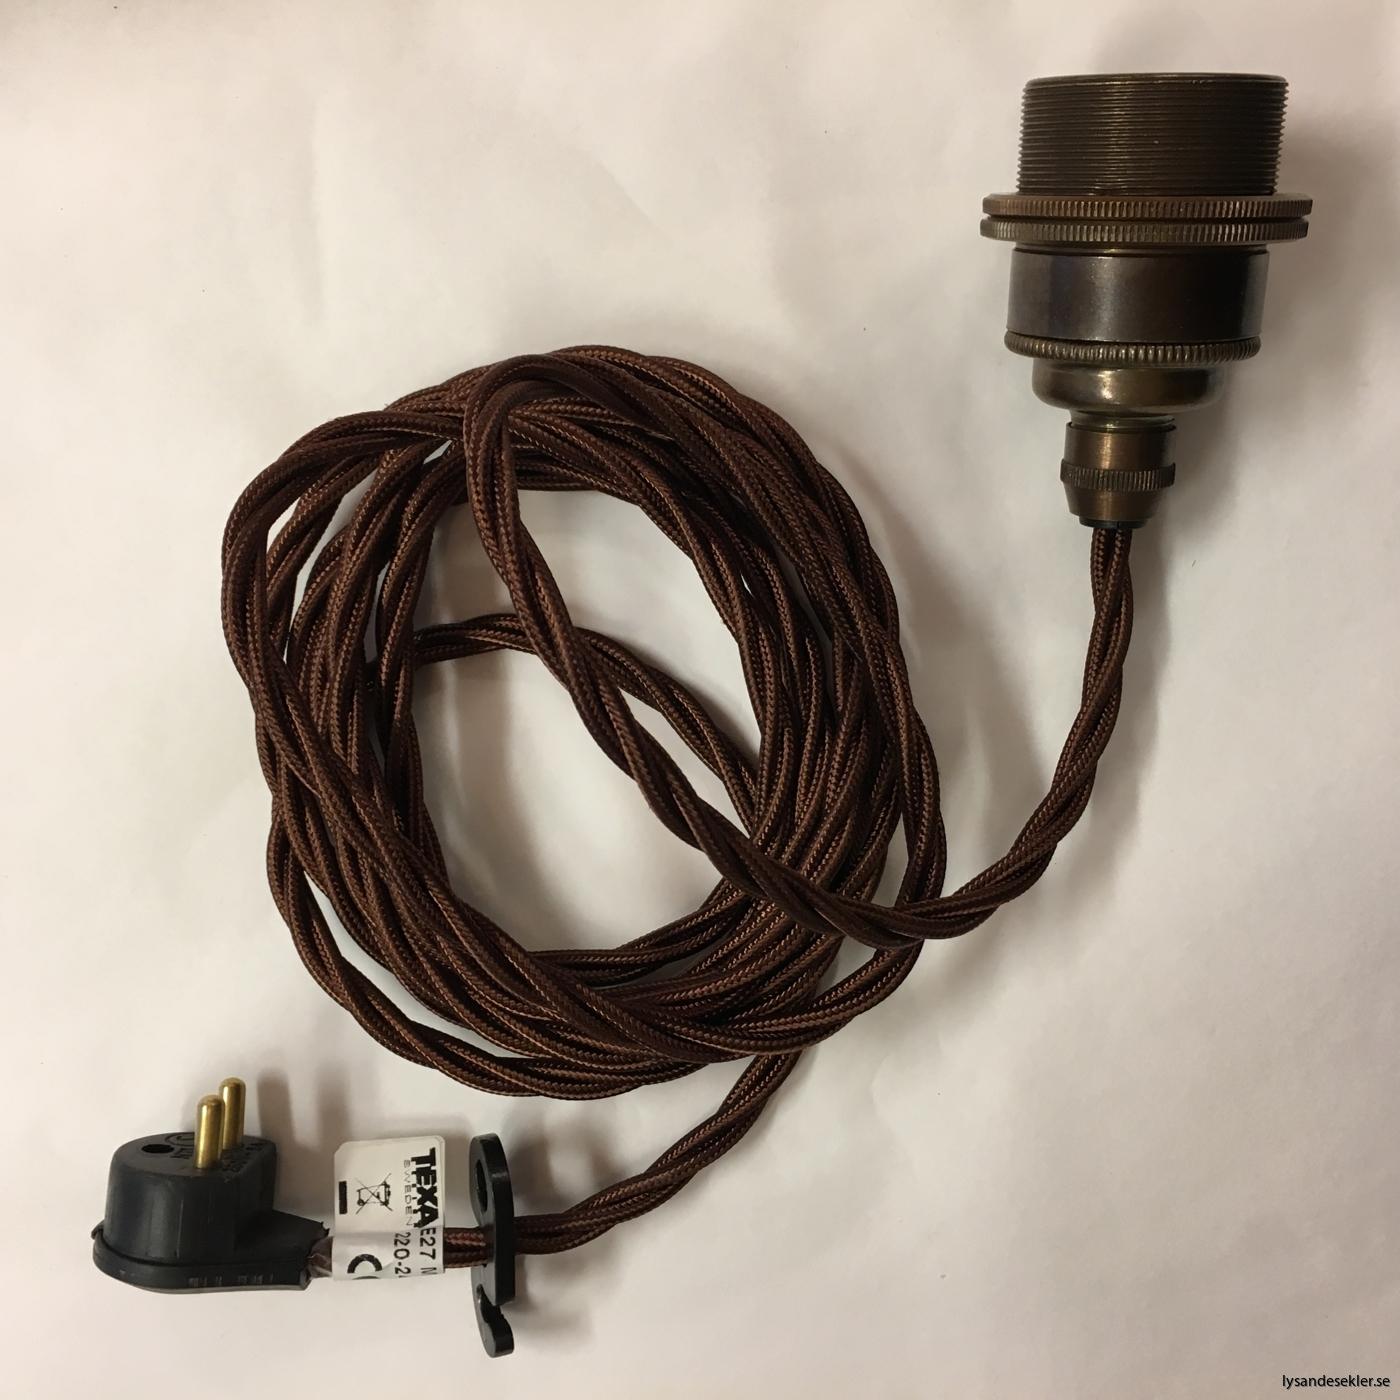 tygsladd textilssladd lampupphäng med 2 ringar utan skruvar för skärm eller glödlampa (33)